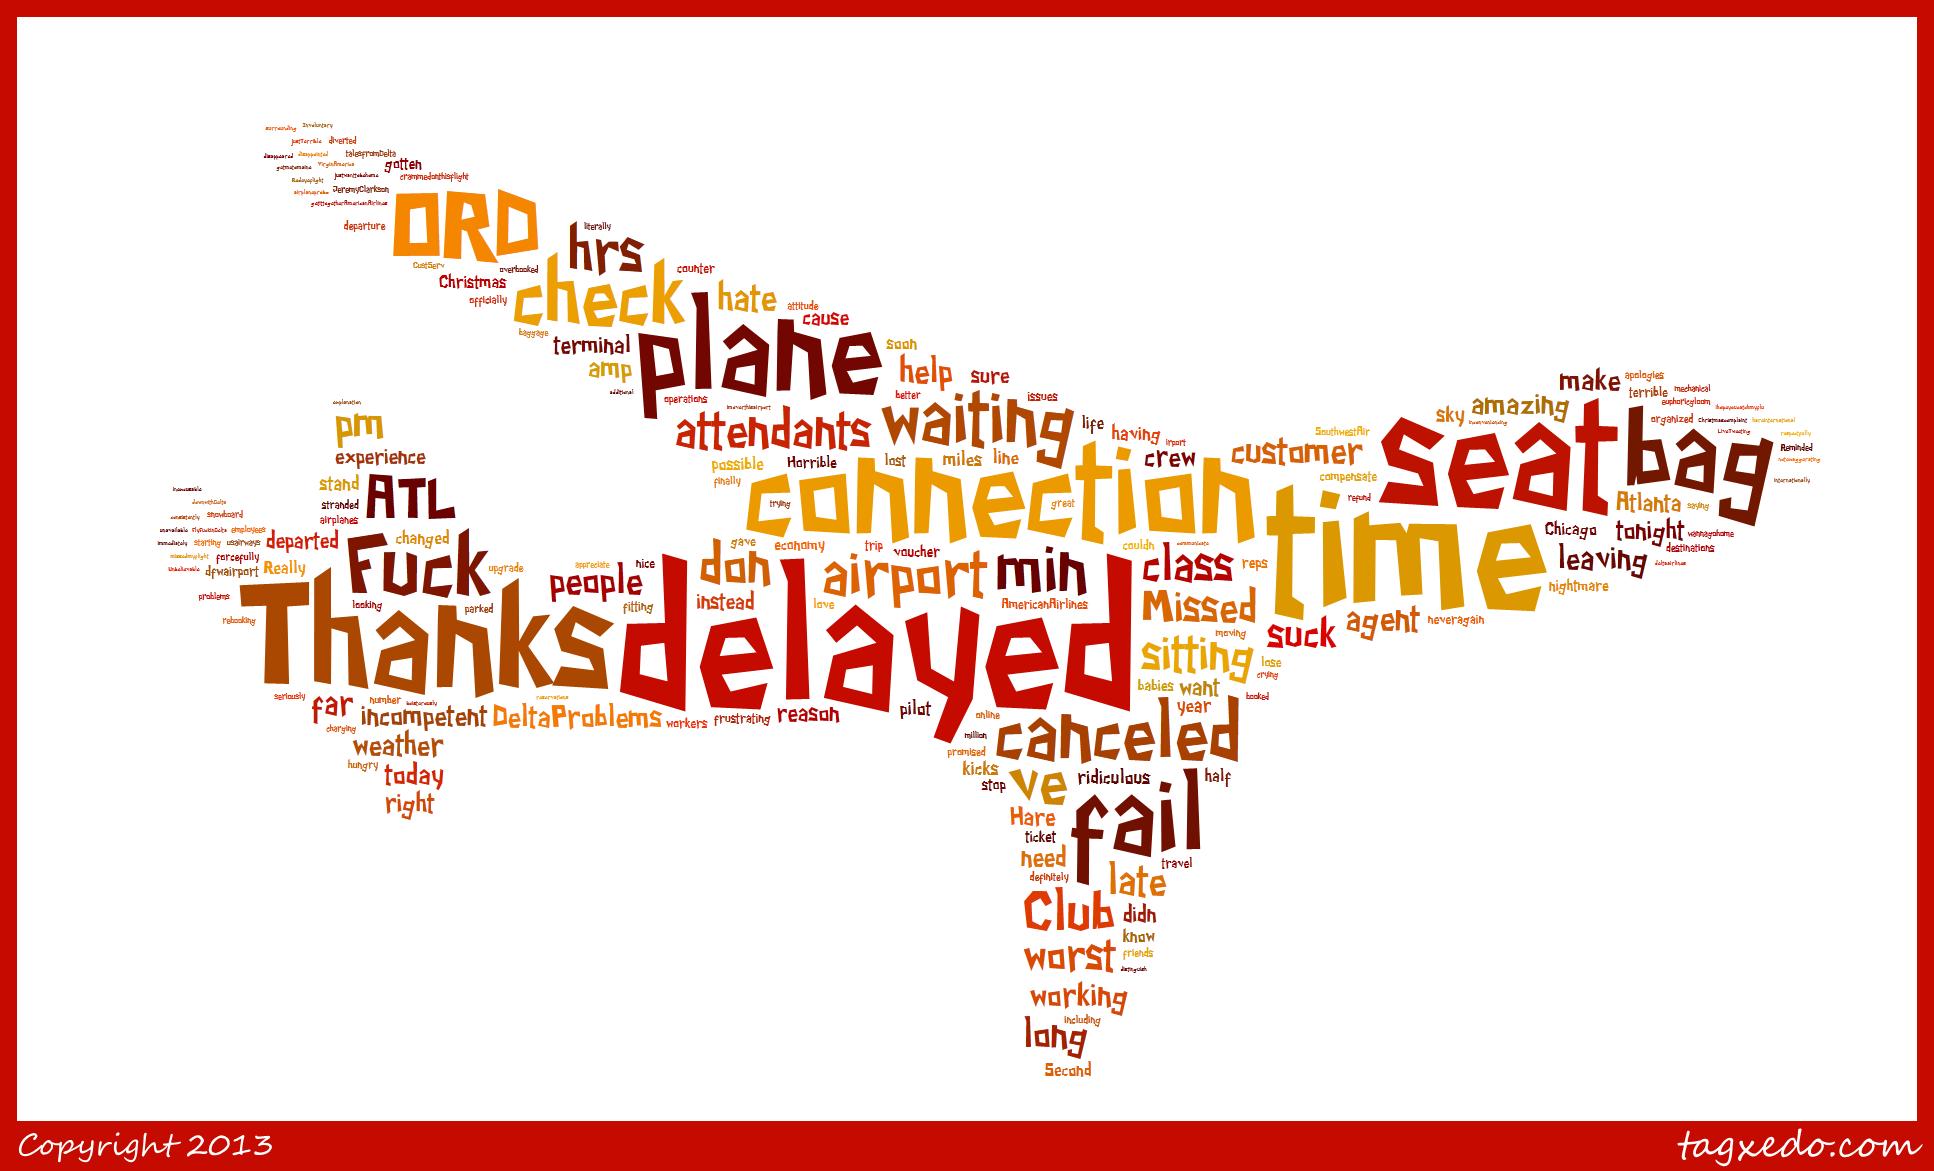 2013-01-30-airportwordcloud.png